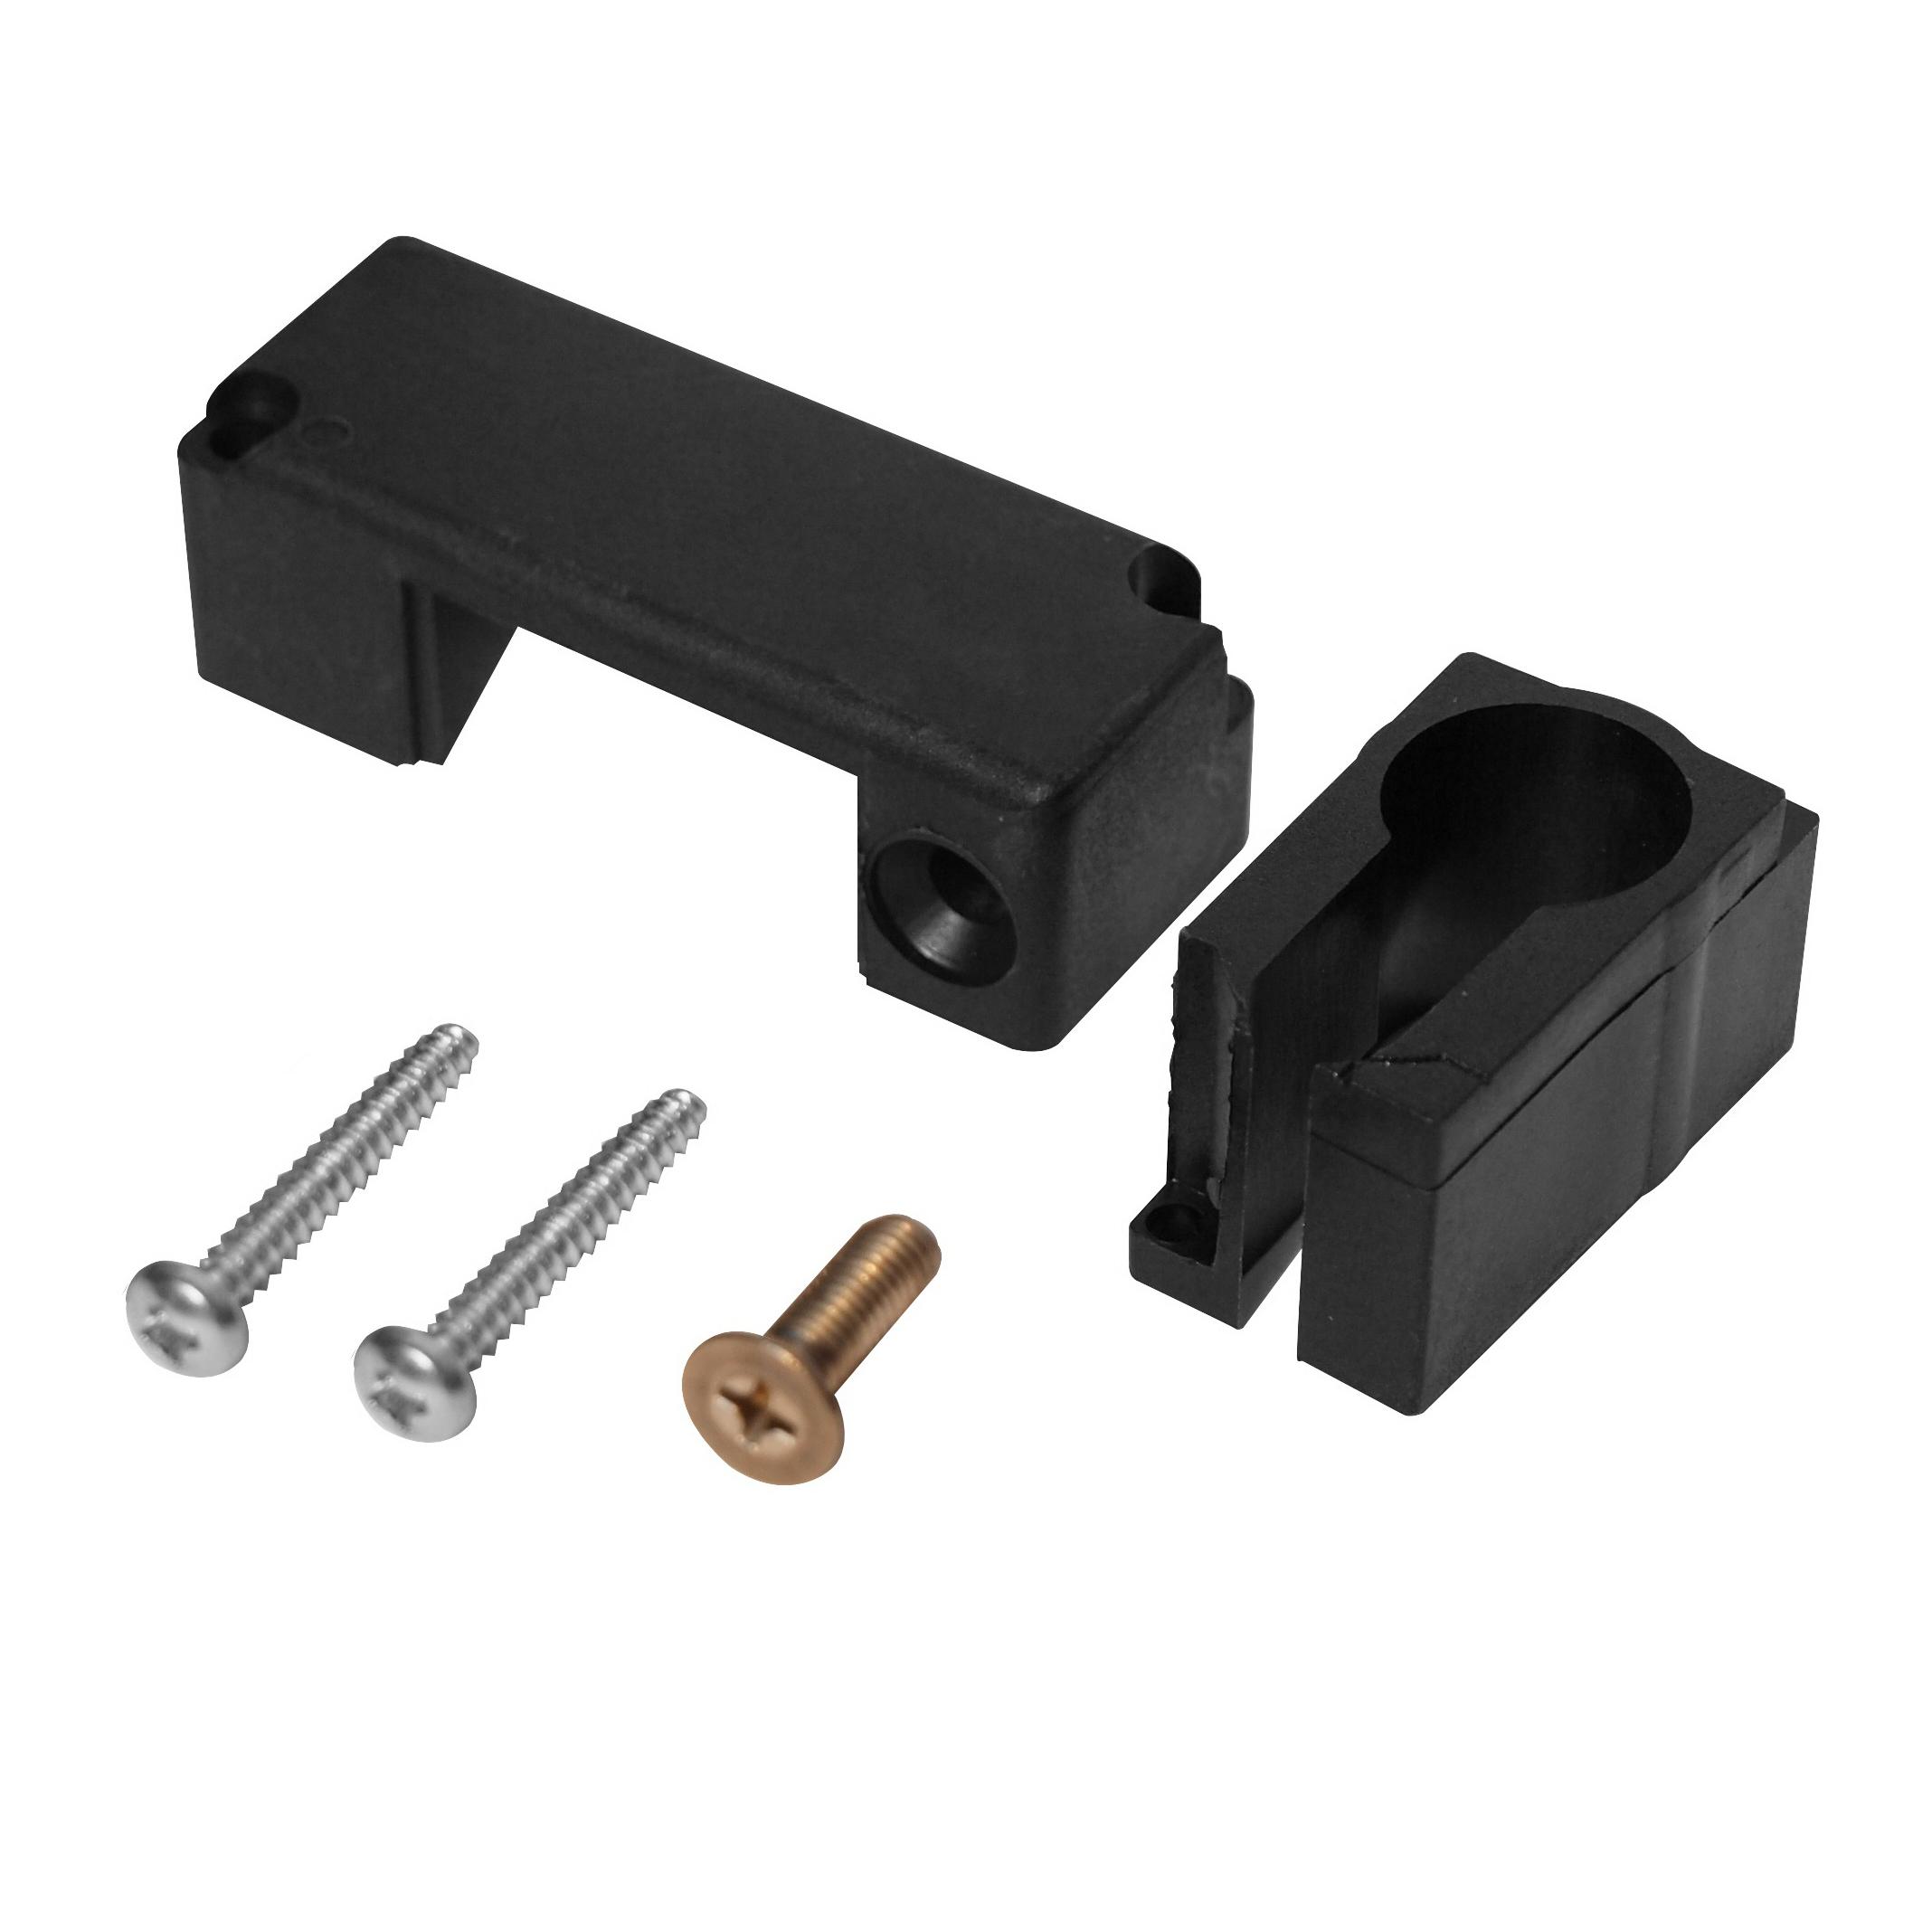 1 Stk Adapter für Halbzylinderschlässer ASLS2100--